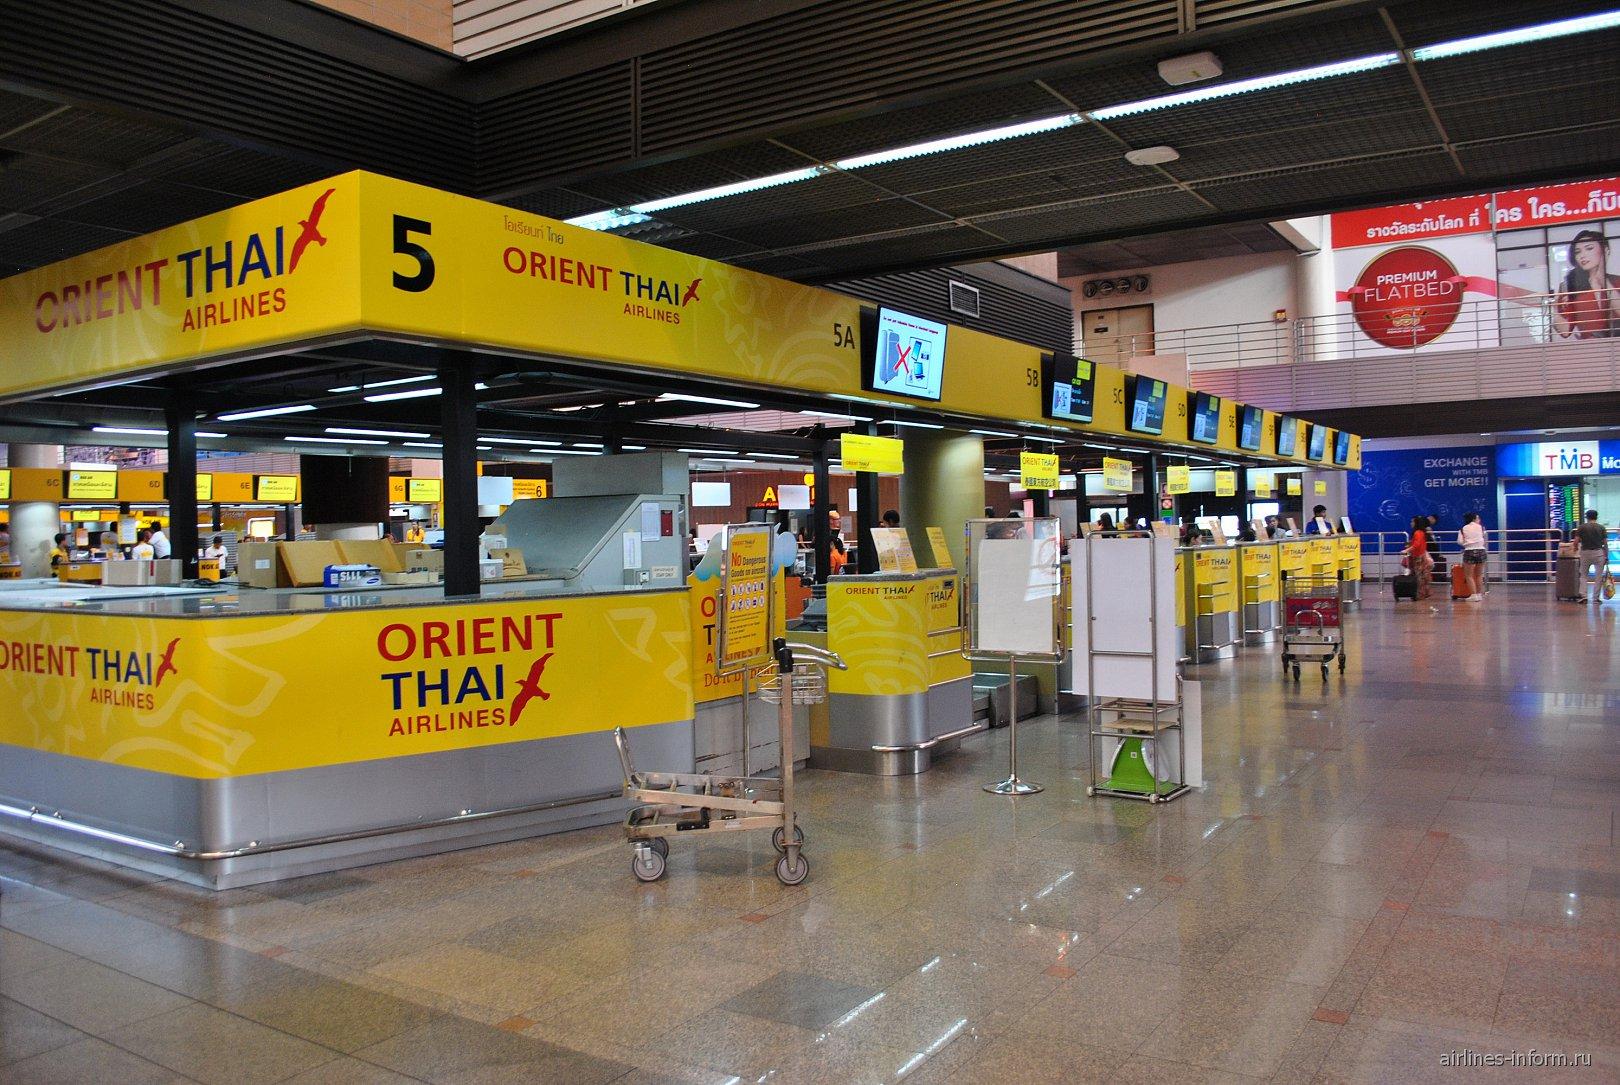 ������ ����������� ������������ Orient Thai Airlines � ��������� ������� ��� �����